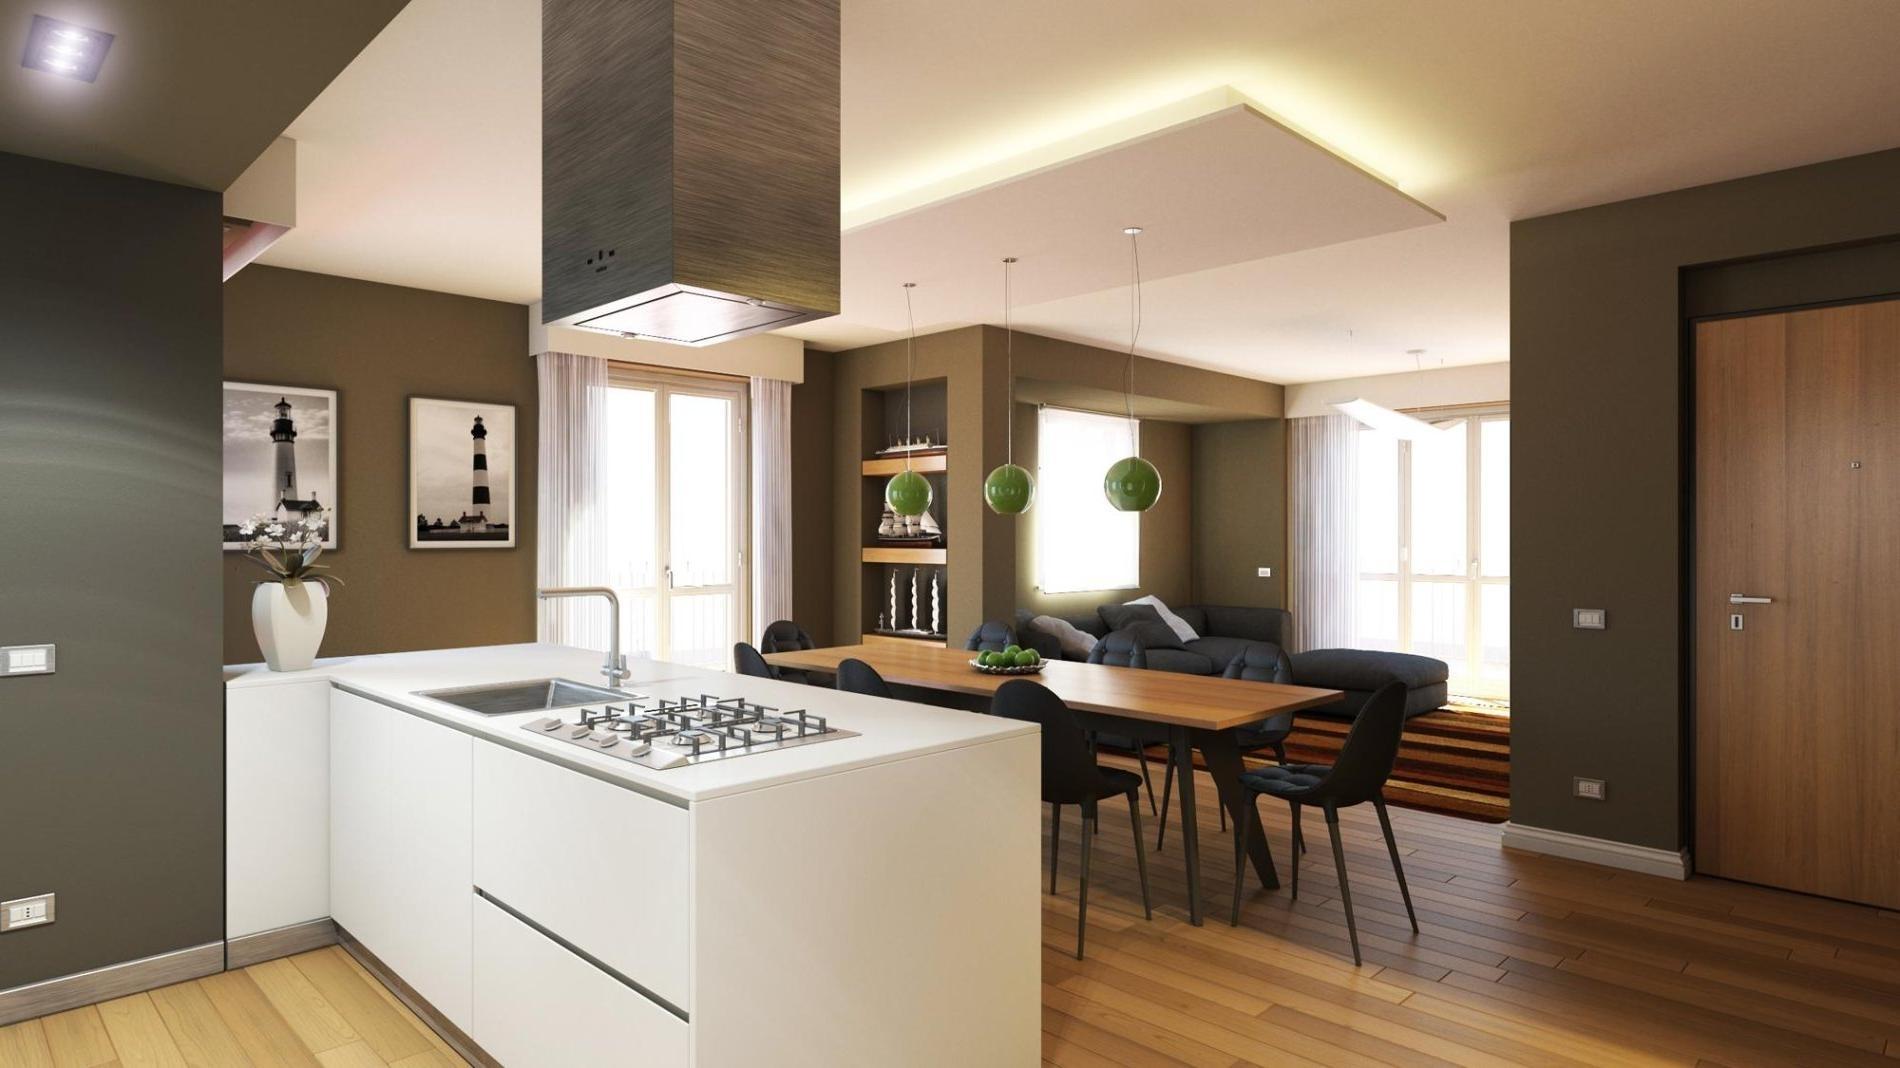 Подсветка гипсокартонной конструкции на кухне